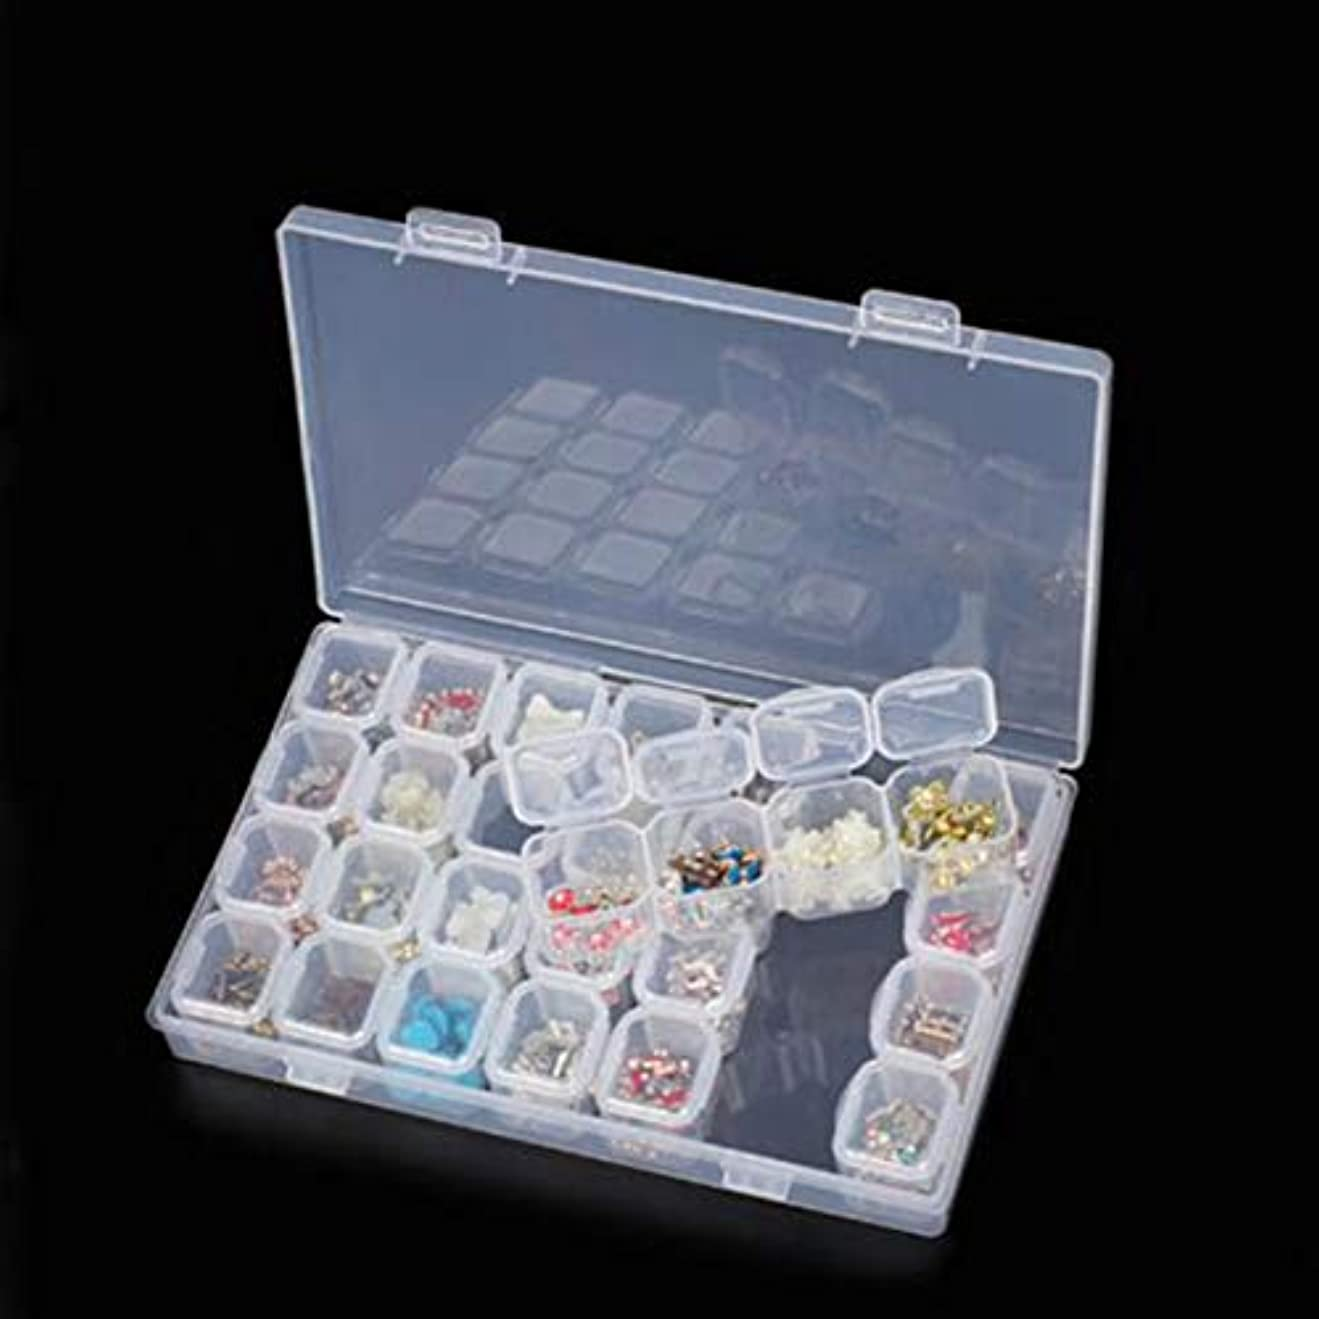 モネ強大なホイットニーBirdlantern 28スロットプラスチック収納ボックスダイヤモンド塗装キットネイルアートラインストーンツールビーズ収納ボックスケースオーガナイザーホルダー